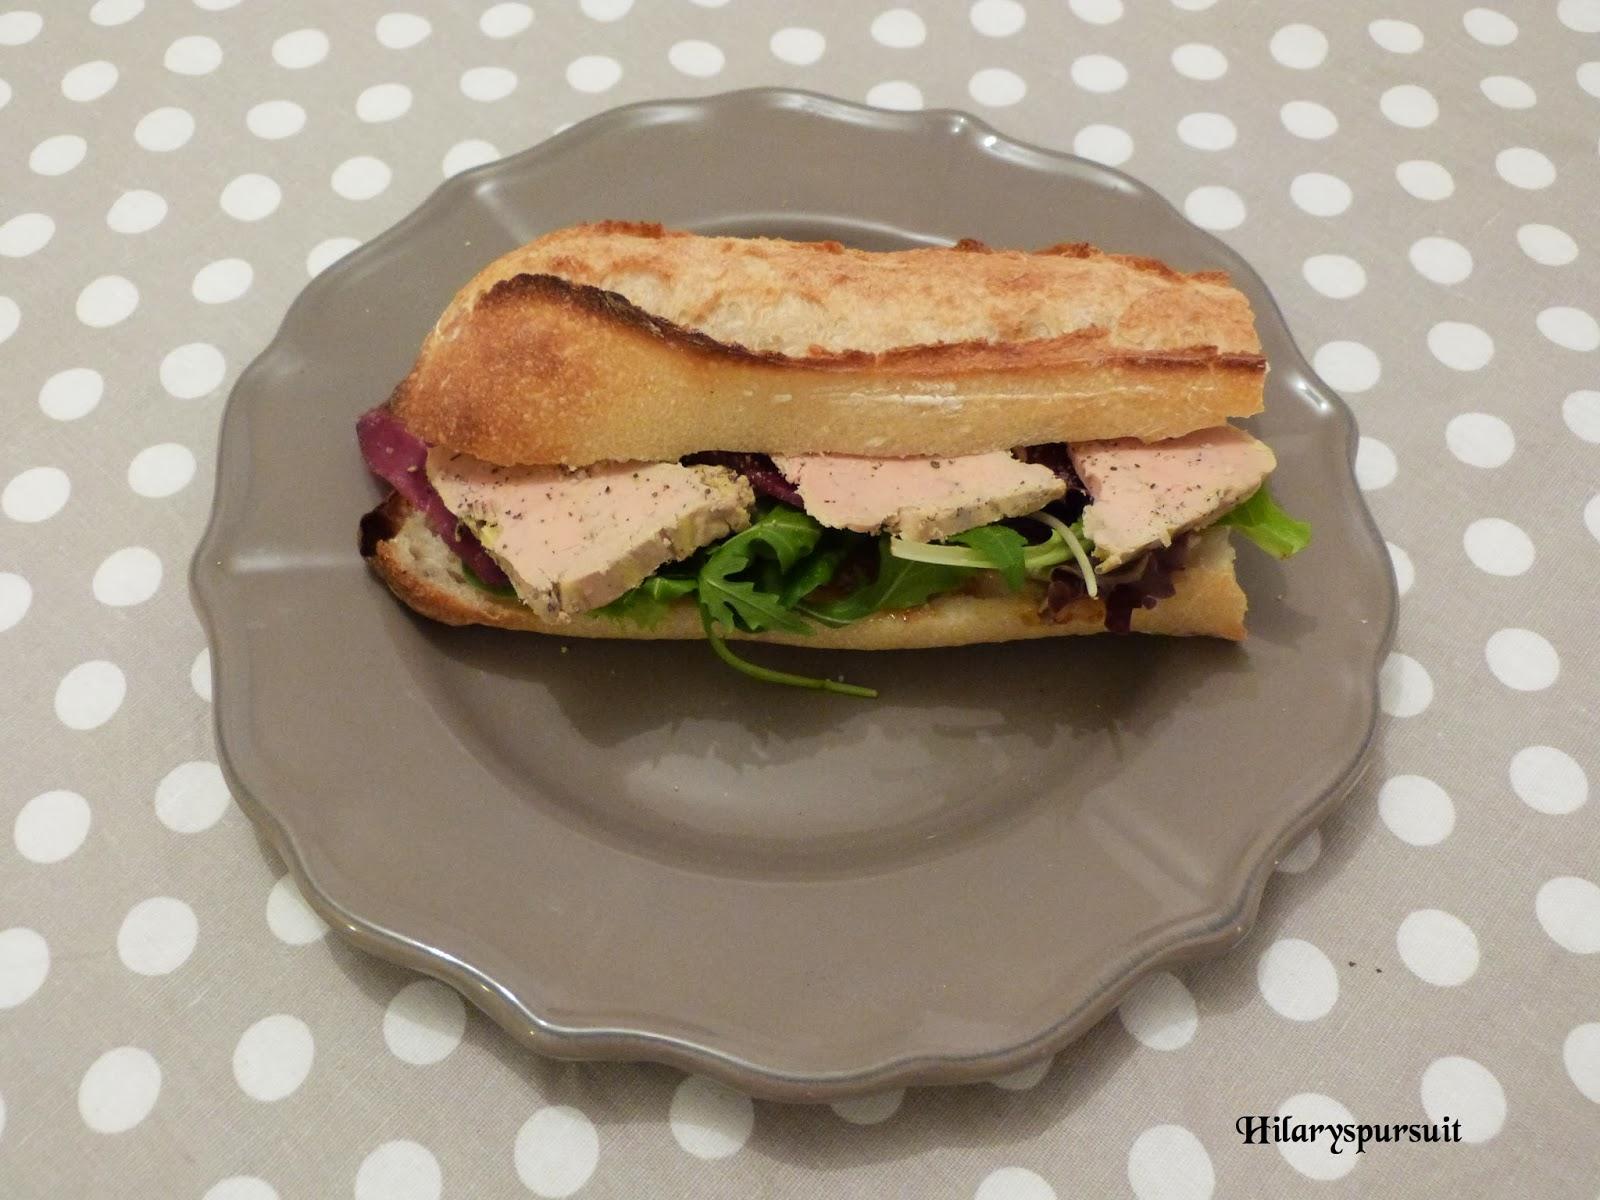 Sandwhich chic au foie gras